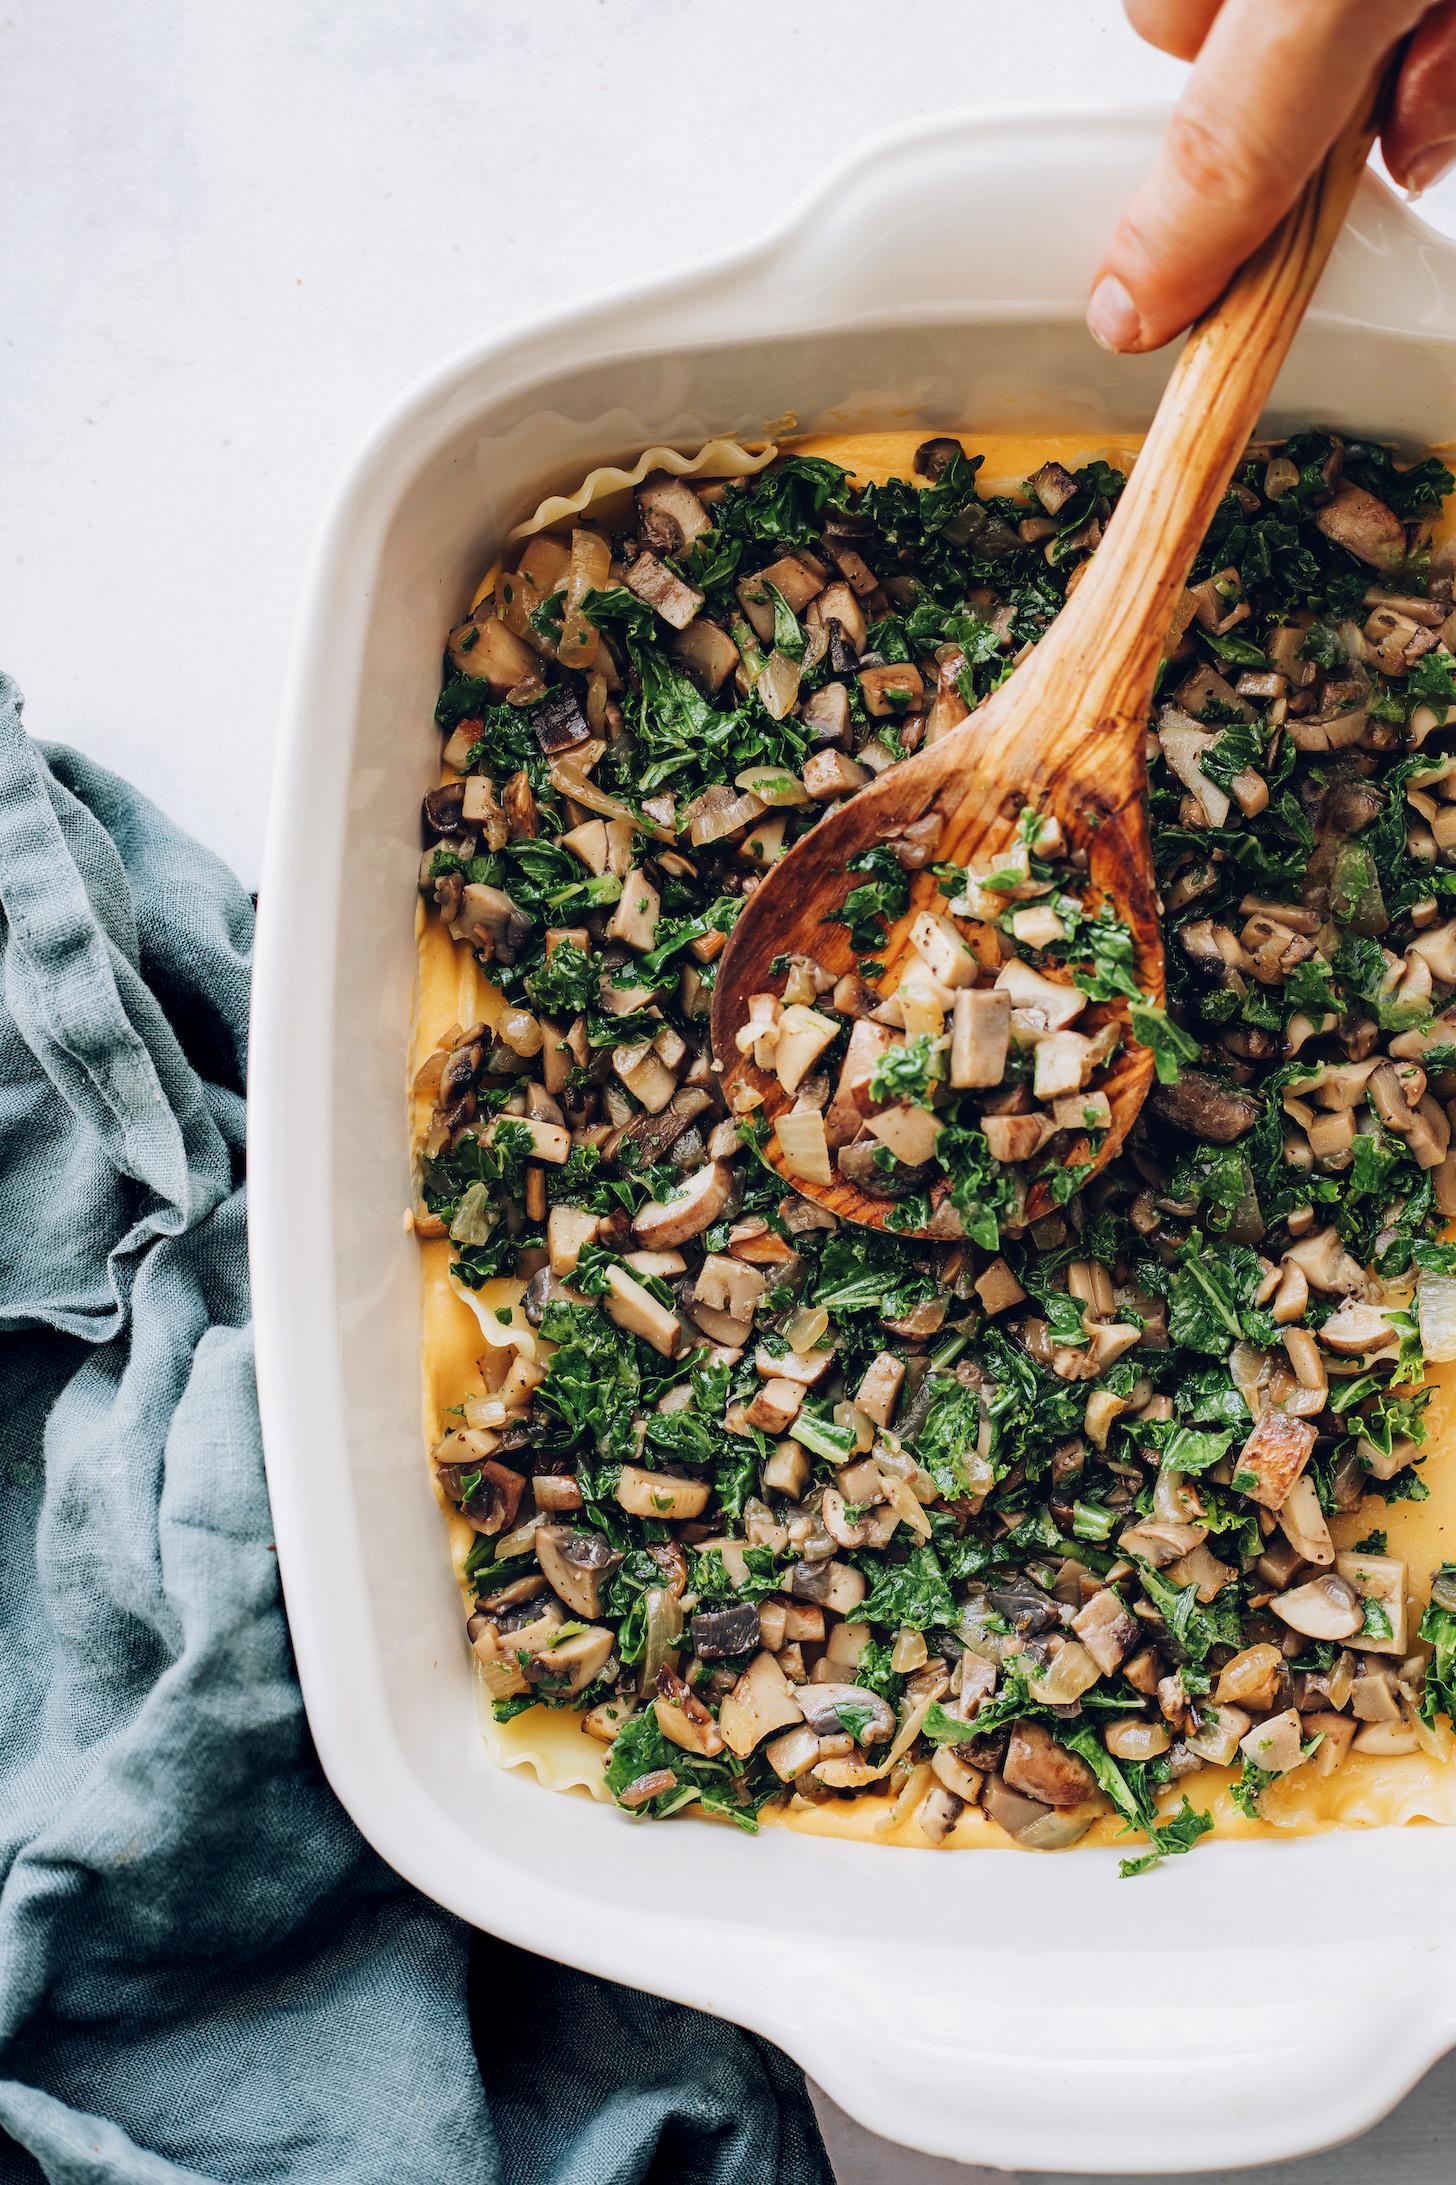 Layering mushroom kale filling over lasagna noodles